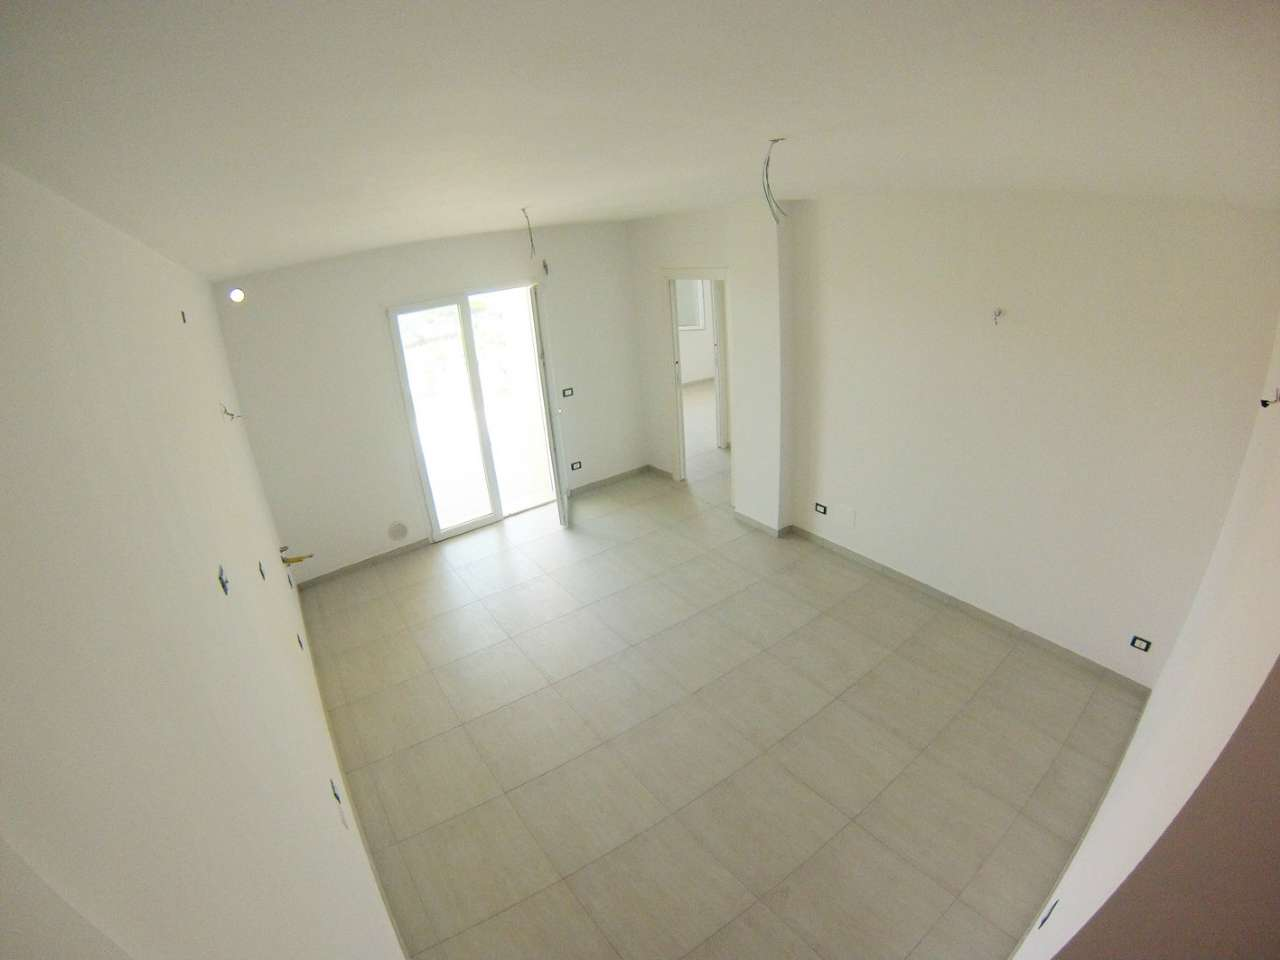 Appartamento in vendita a Alba Adriatica, 2 locali, prezzo € 115.000 | CambioCasa.it